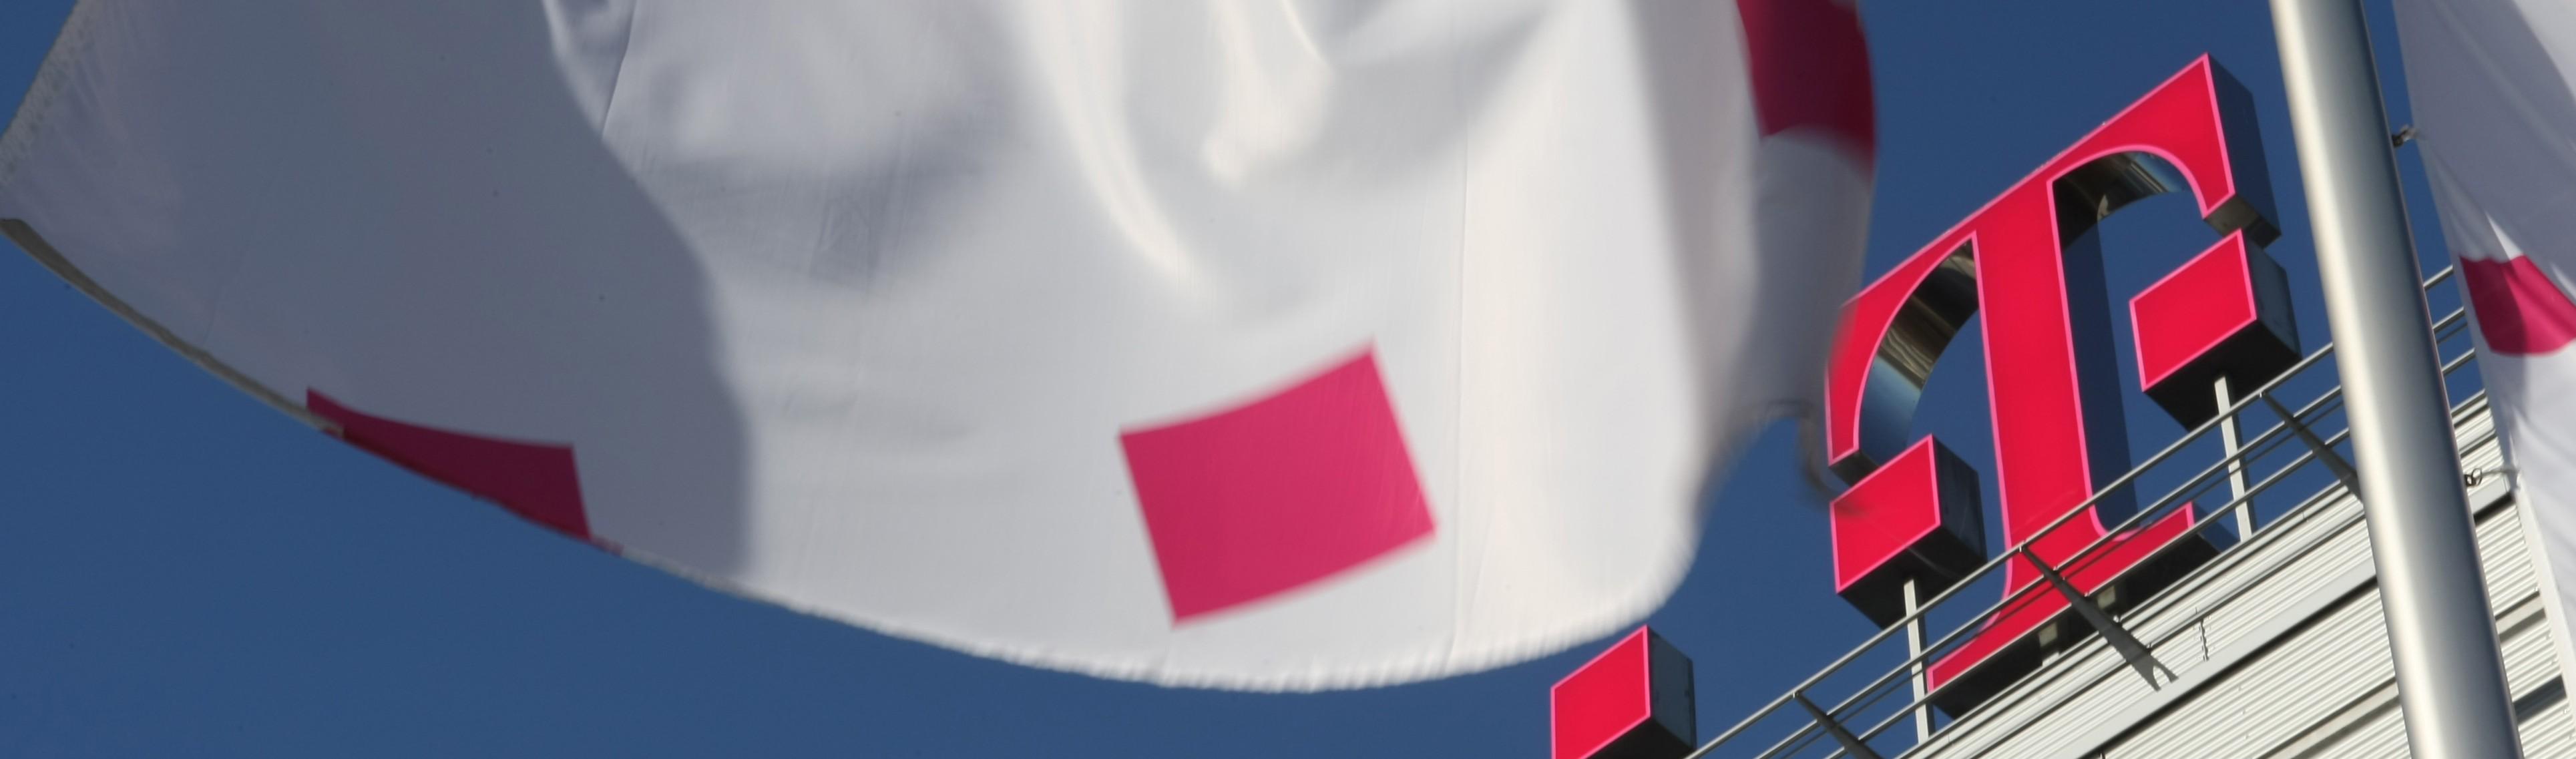 Deutsche Telekom T Mobile Systems Logo (3)